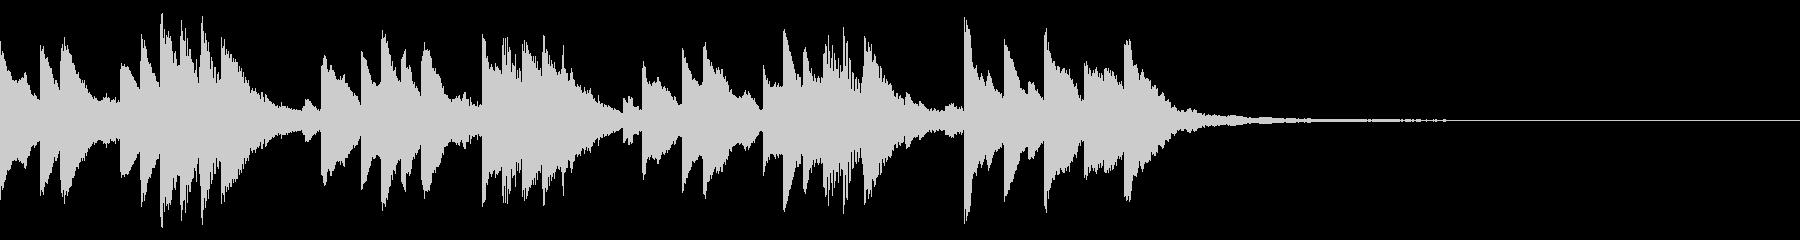 キラキラしたジングル/ベル、オルゴールの未再生の波形